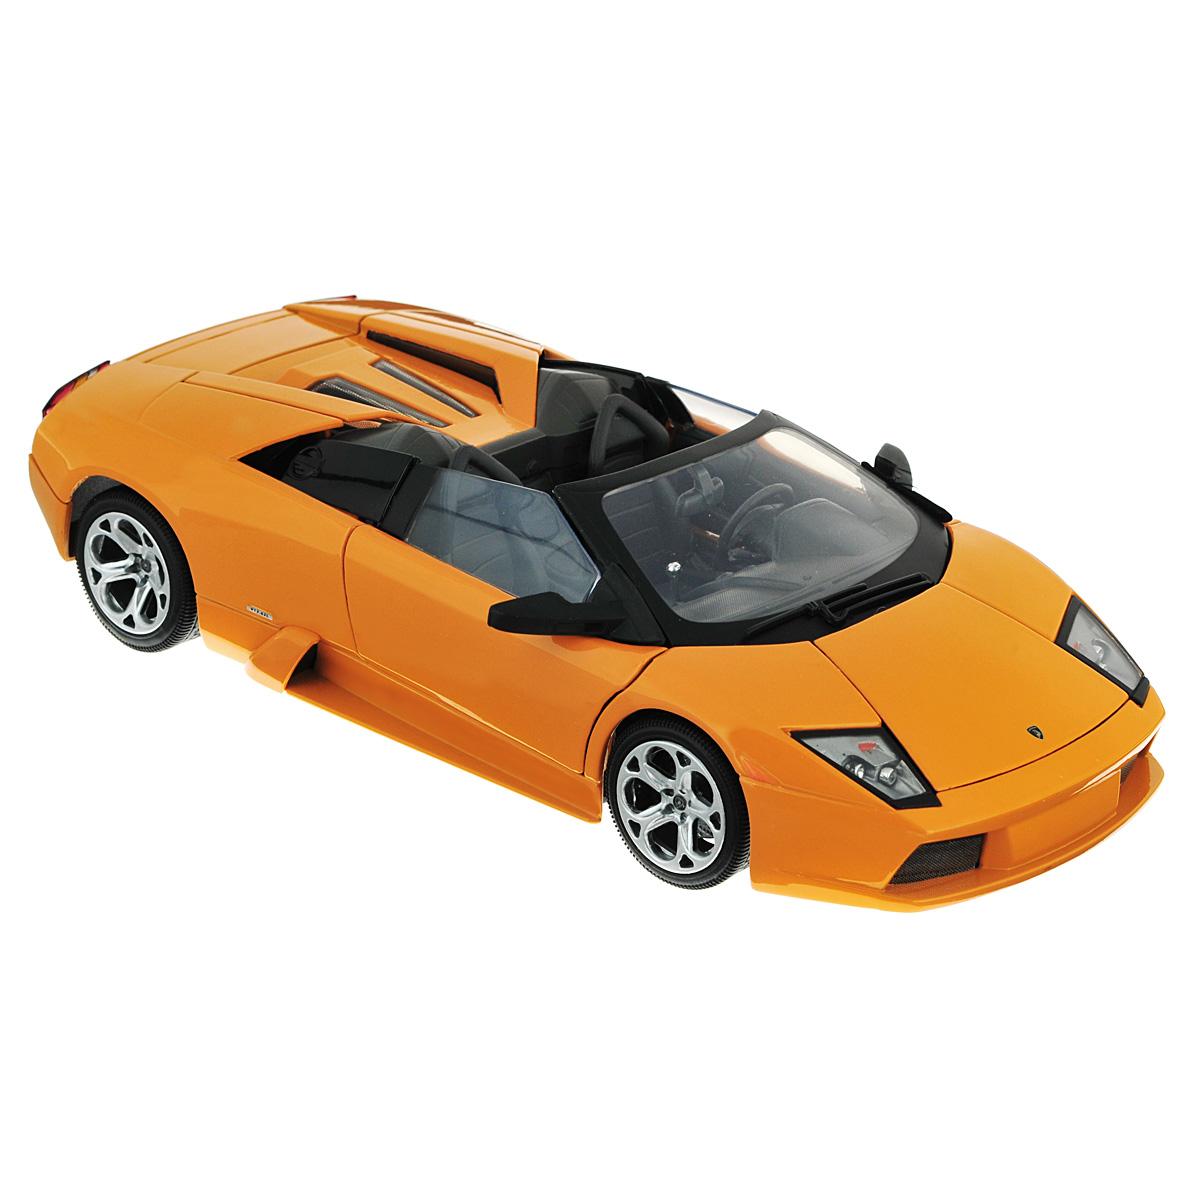 MotorMax Модель автомобиля Lamborghini Murcielago Roadster цвет оранжевыйorange/ast73316Коллекционная модель MotorMax Laмborghini Murcielago Roadster станет хорошим подарком для любого ценителя автомобилей. Она имеет отличную детализацию и является уменьшенной копией настоящей машины. Lamborghini Murcielago Roadster по традиции компании получил свое имя в честь одного из боевых быков, который остался на ногах после 24 ударов матадора. Этот родстер силен и вынослив как бык, он просто великолепен на трассе. Добавьте его в свою коллекцию авто. Масштабная модель выполнена из металла с пластиковыми элементами. Металлический корпус - залог долговечности вашей игрушки. Кроме того, для шин использована настоящая резина. Двери машинки и капот открываются, а колеса поворачиваются. Внутри вы можете увидеть максимально точно воспроизведенный салон и двигатель авто.